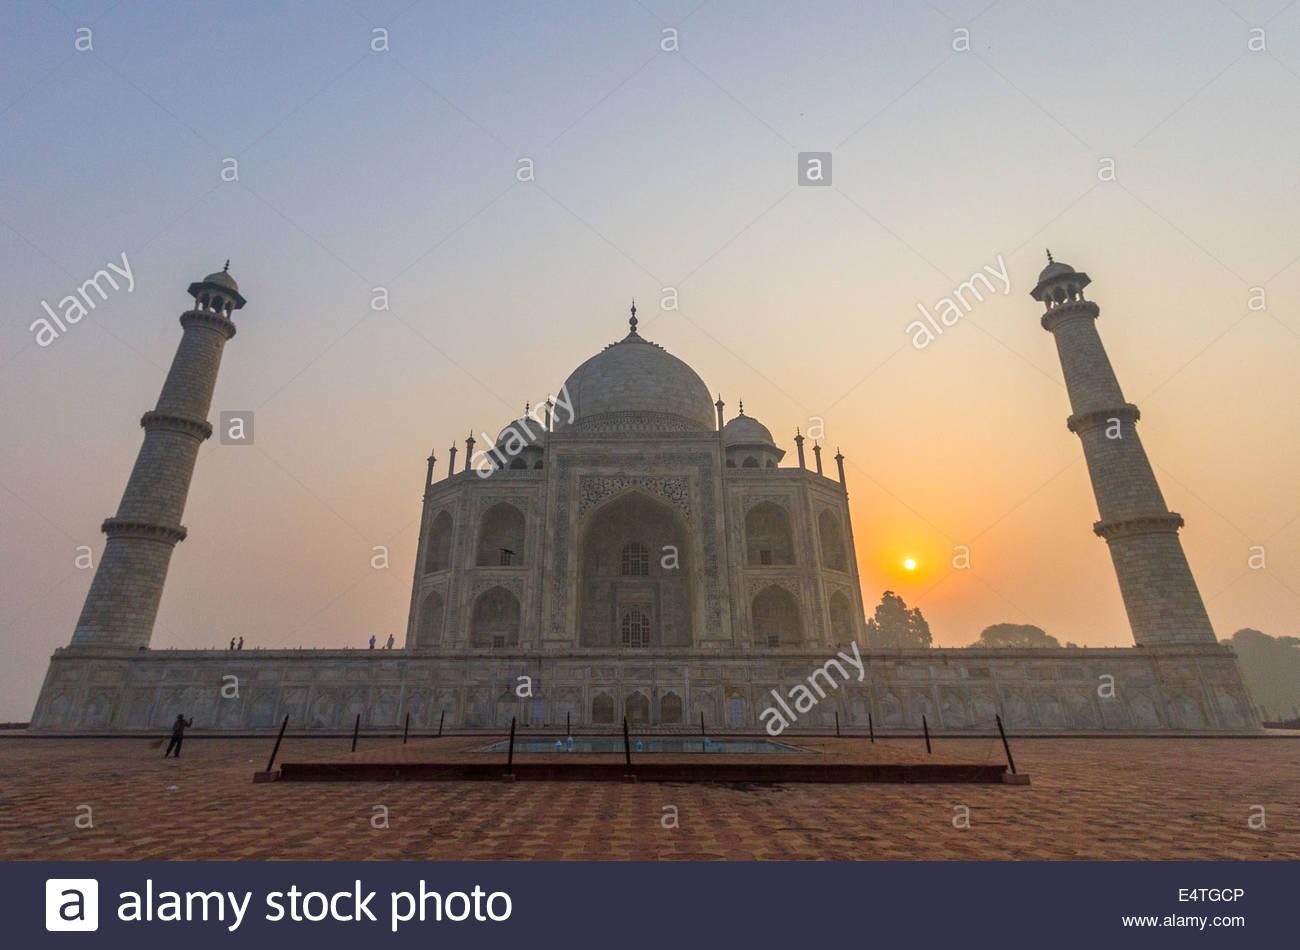 Il Taj Mahal di sunrise in Agra, India Immagini Stock